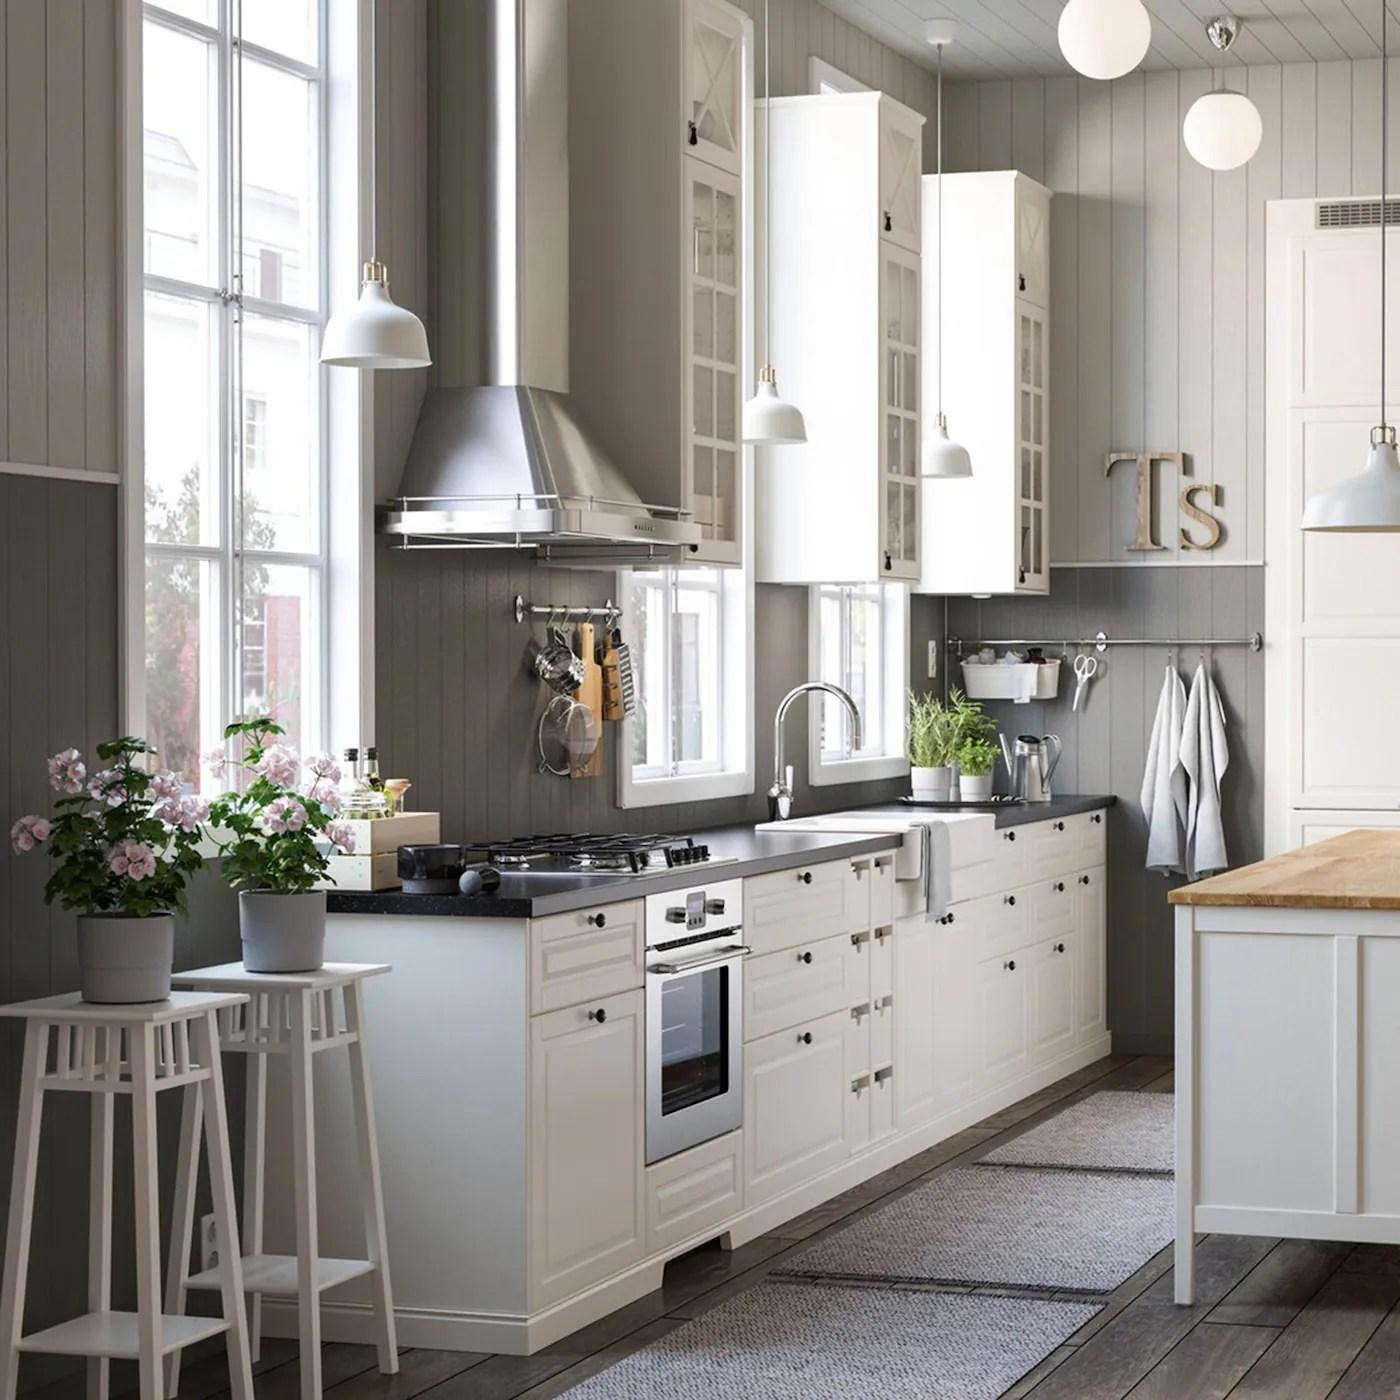 Cucina in legno stile americana. Ikpid50 Ikea Kitchen Photos Ikea Design Finest Collection Hausratversicherungkosten Info